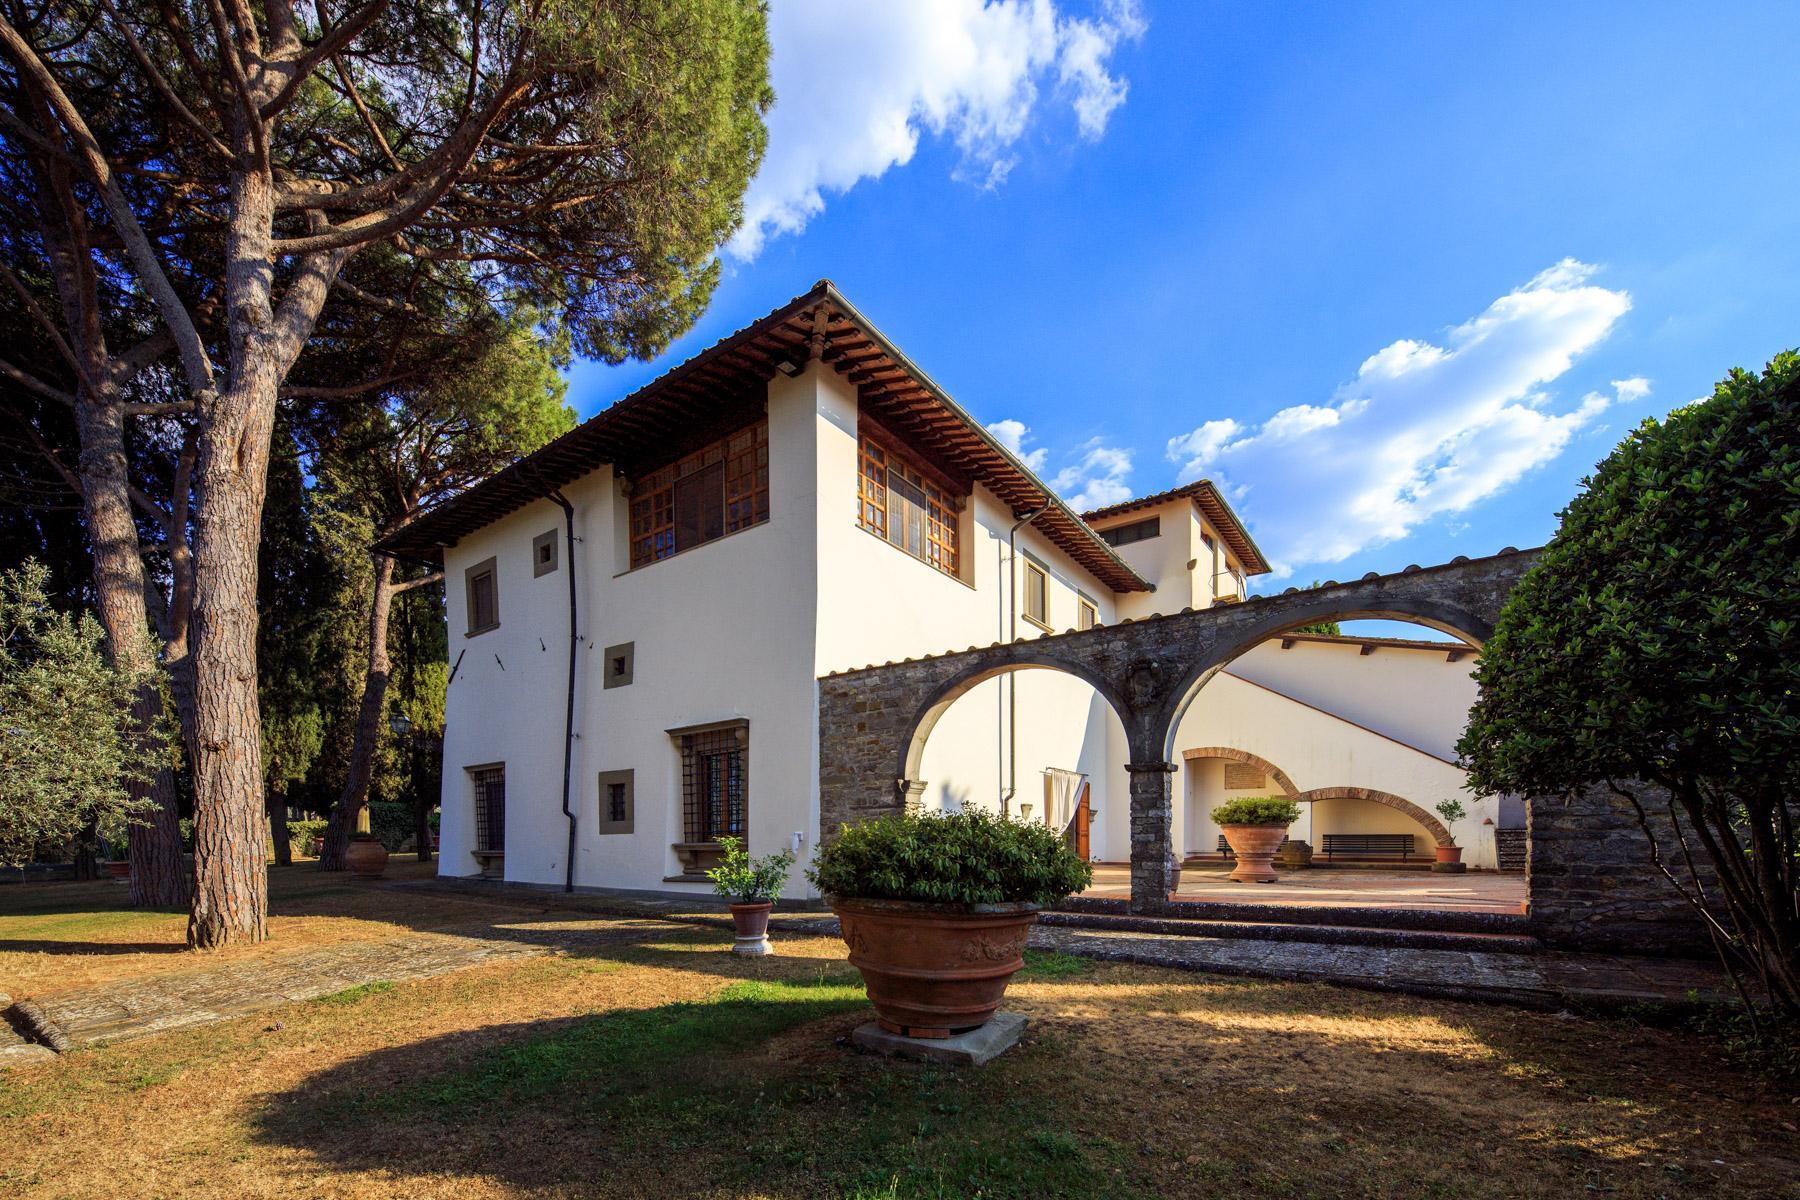 Villa Renaissance avec hameau privé sur les collines de Florence - 3